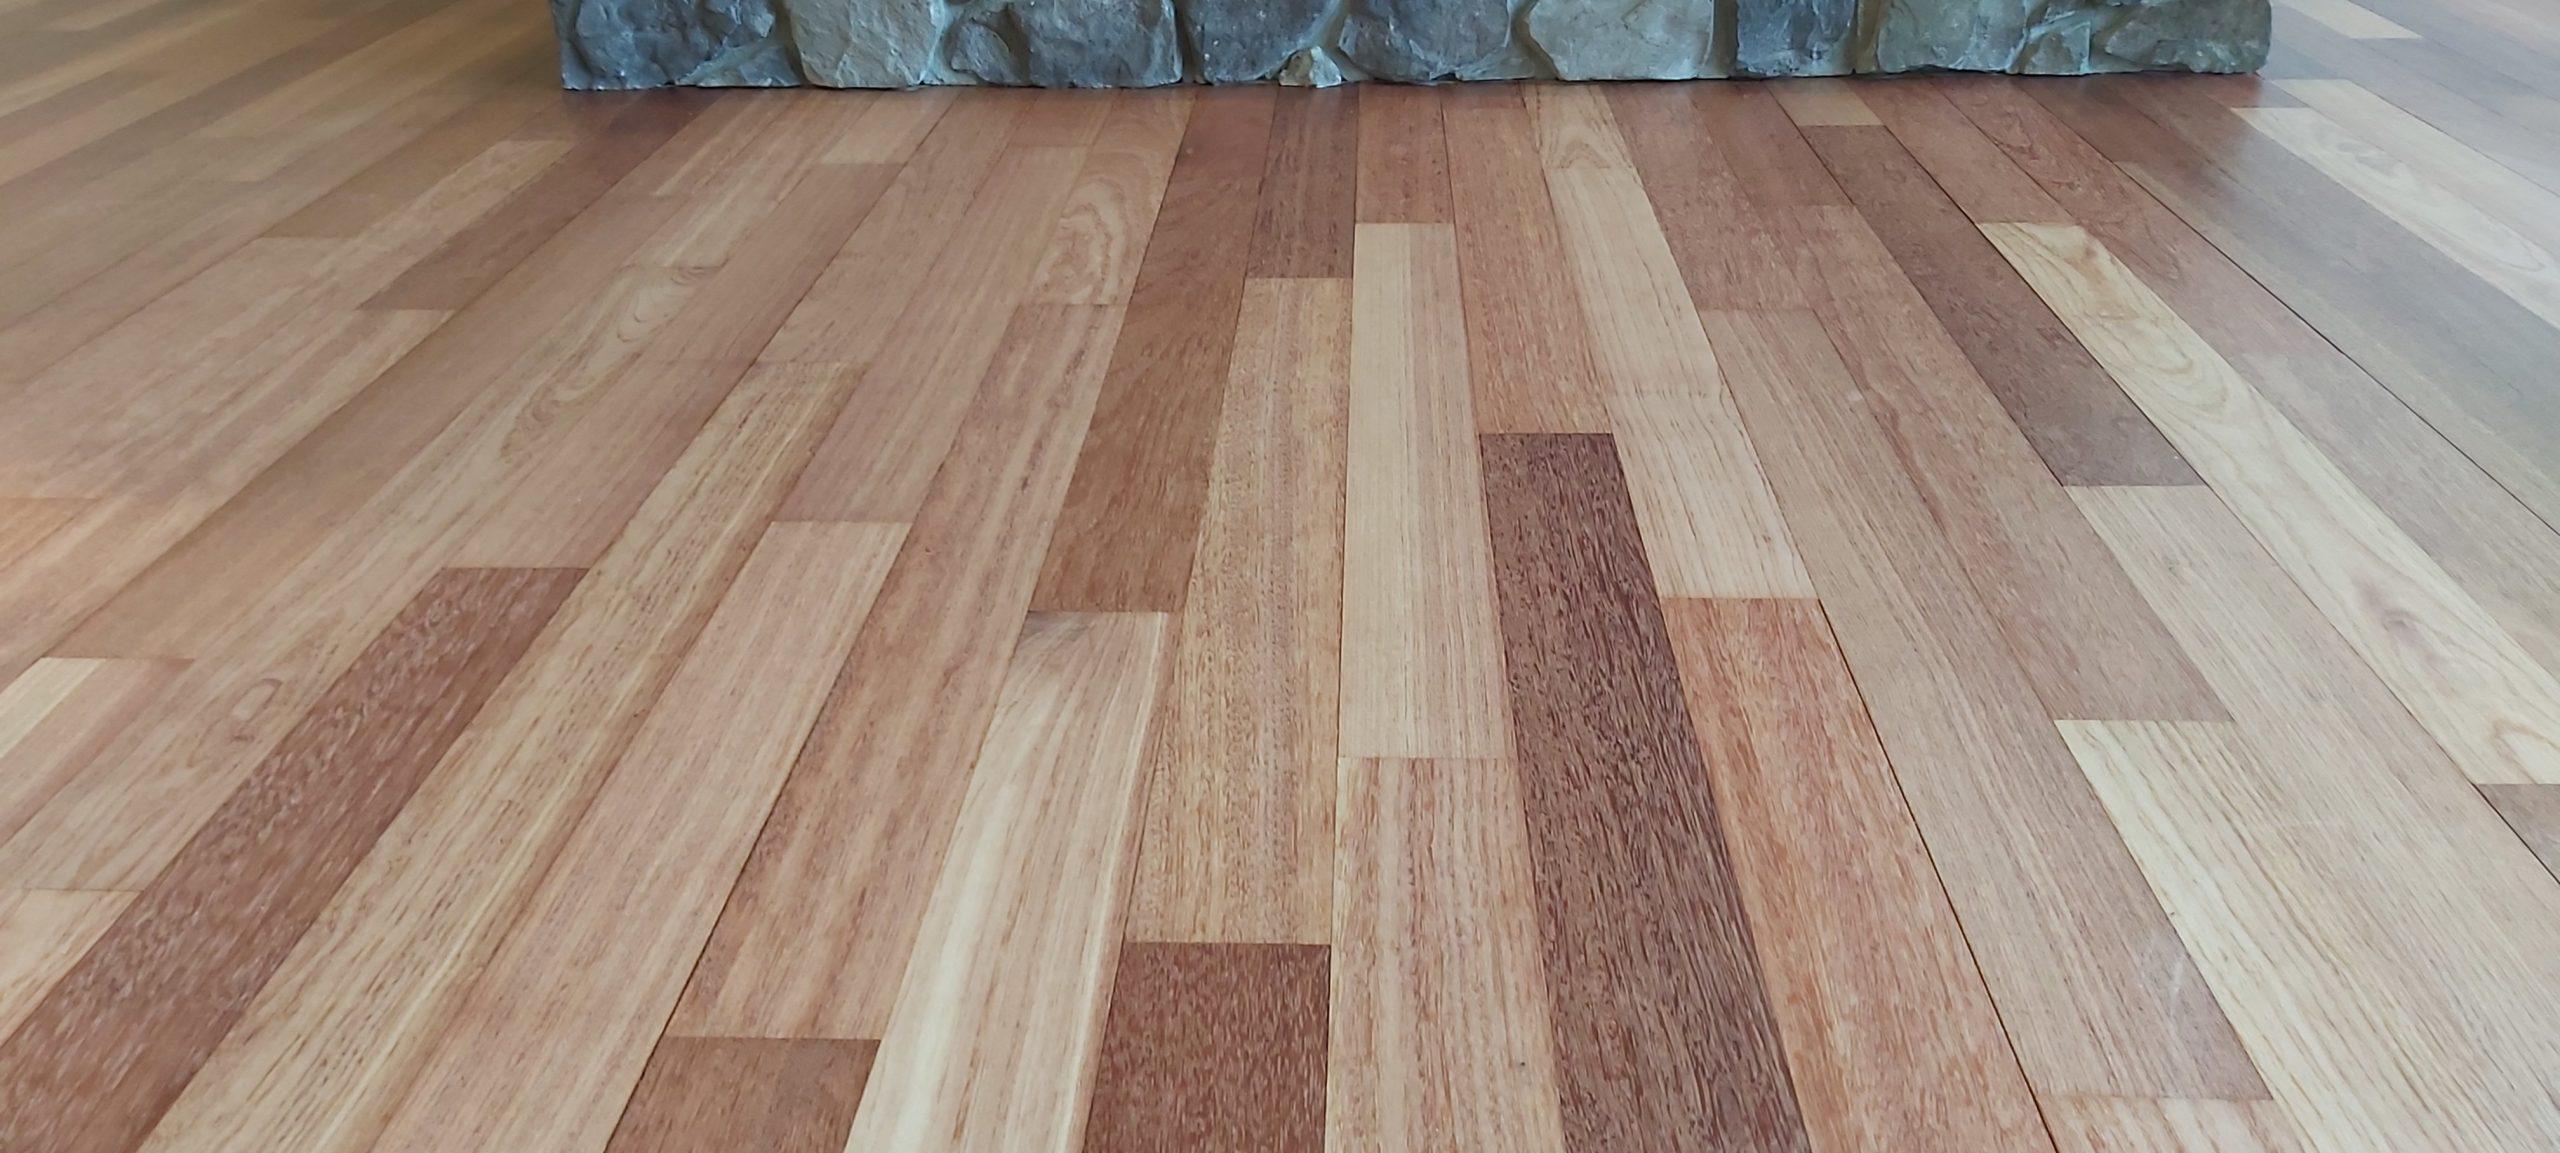 Kempas wood flooringafter scaled